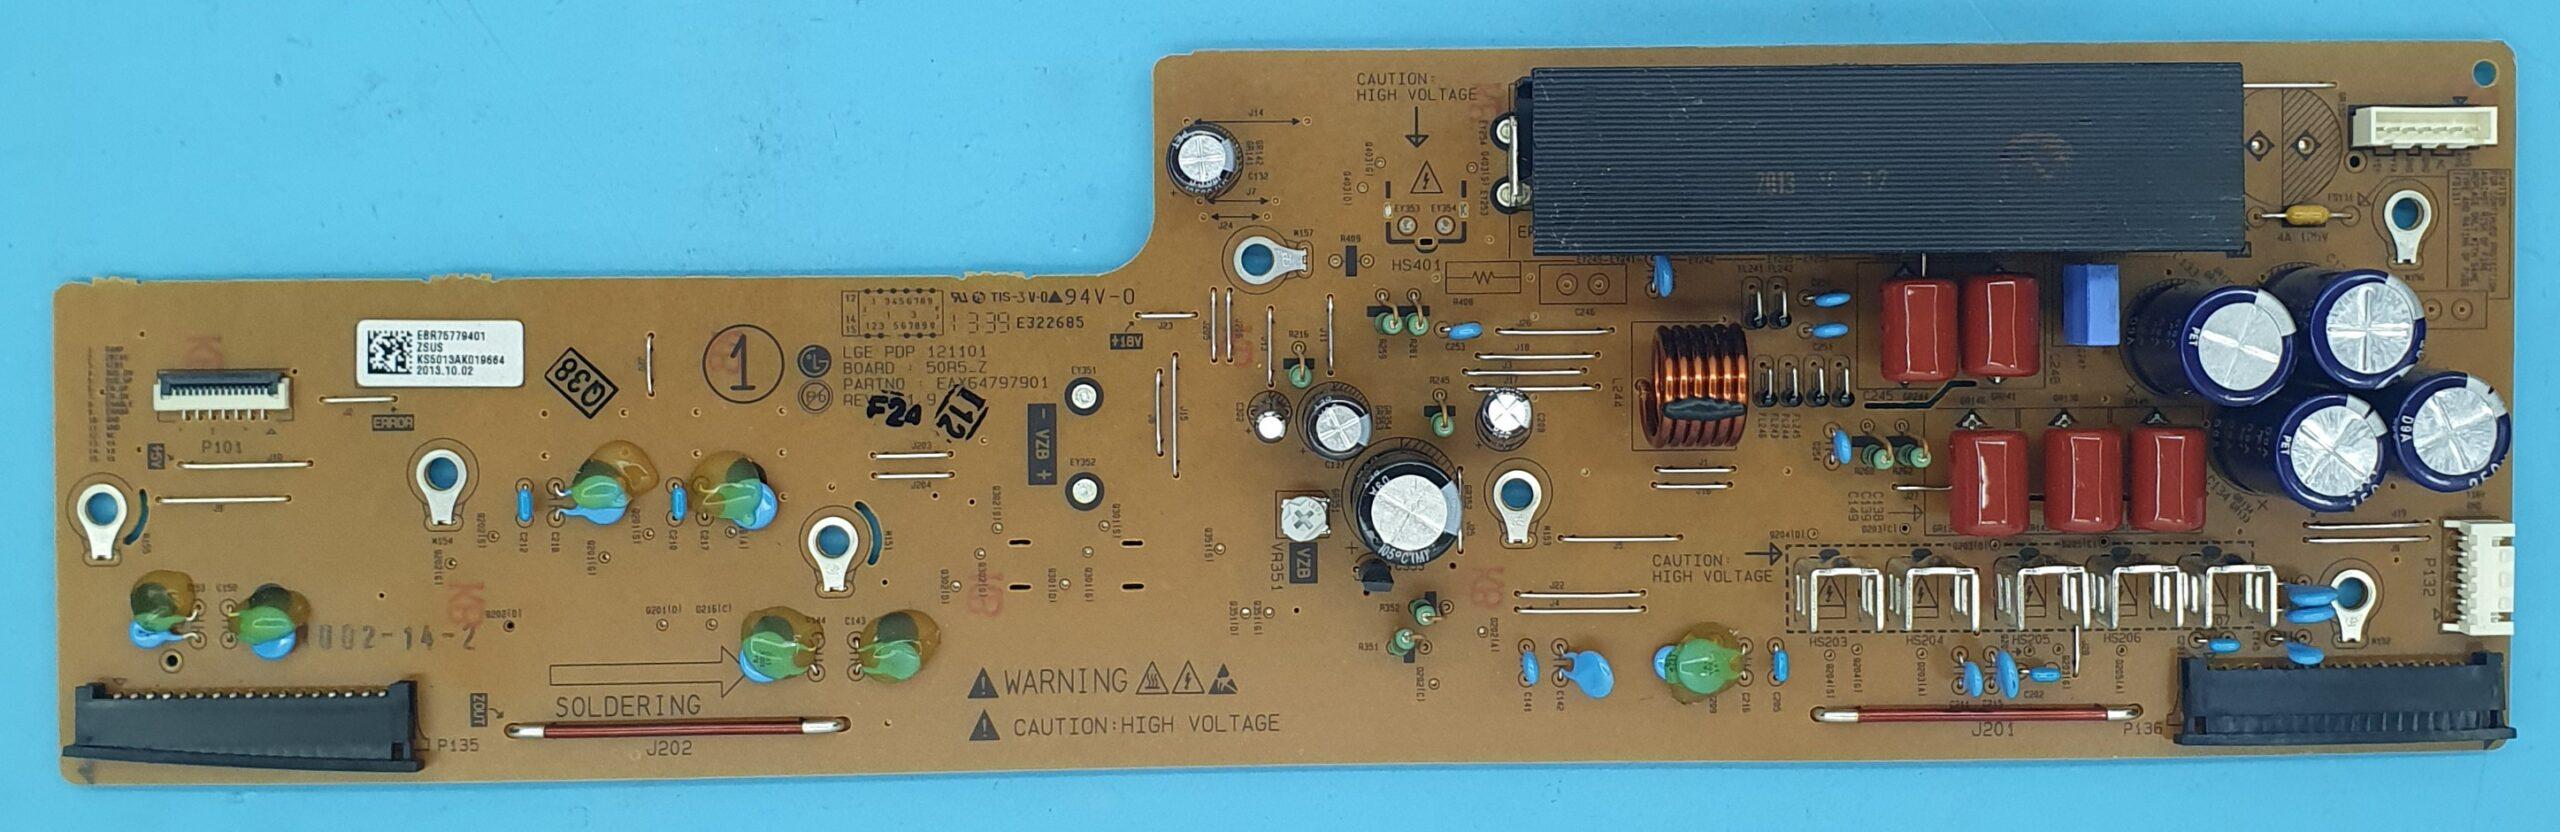 EAX64797901 LG Z-SUS (KDV DAHİL = 100 TL)